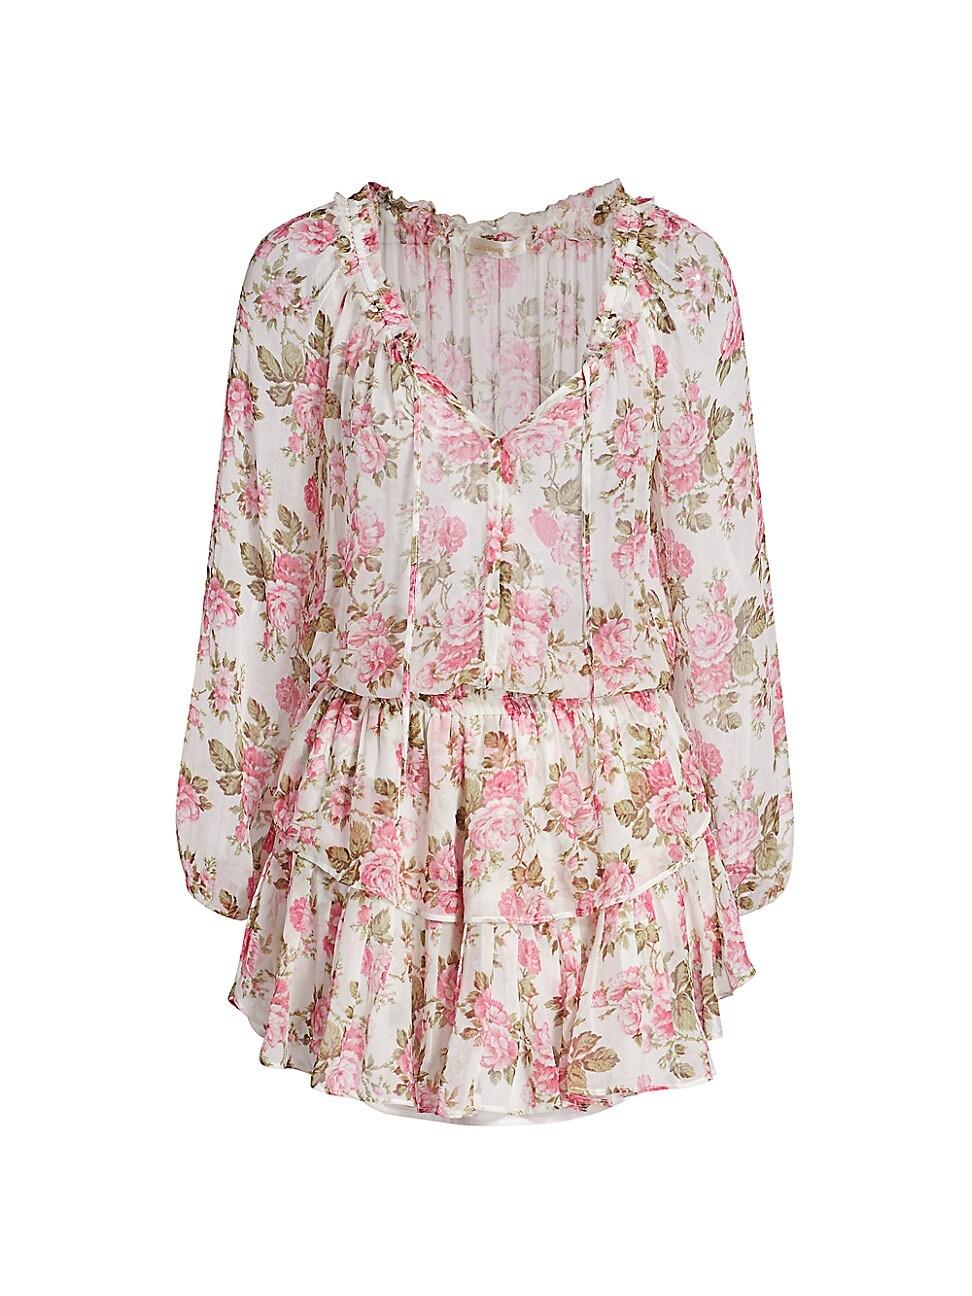 Loveshackfancy Silks WOMEN'S FLORAL SILK POPOVER DRESS